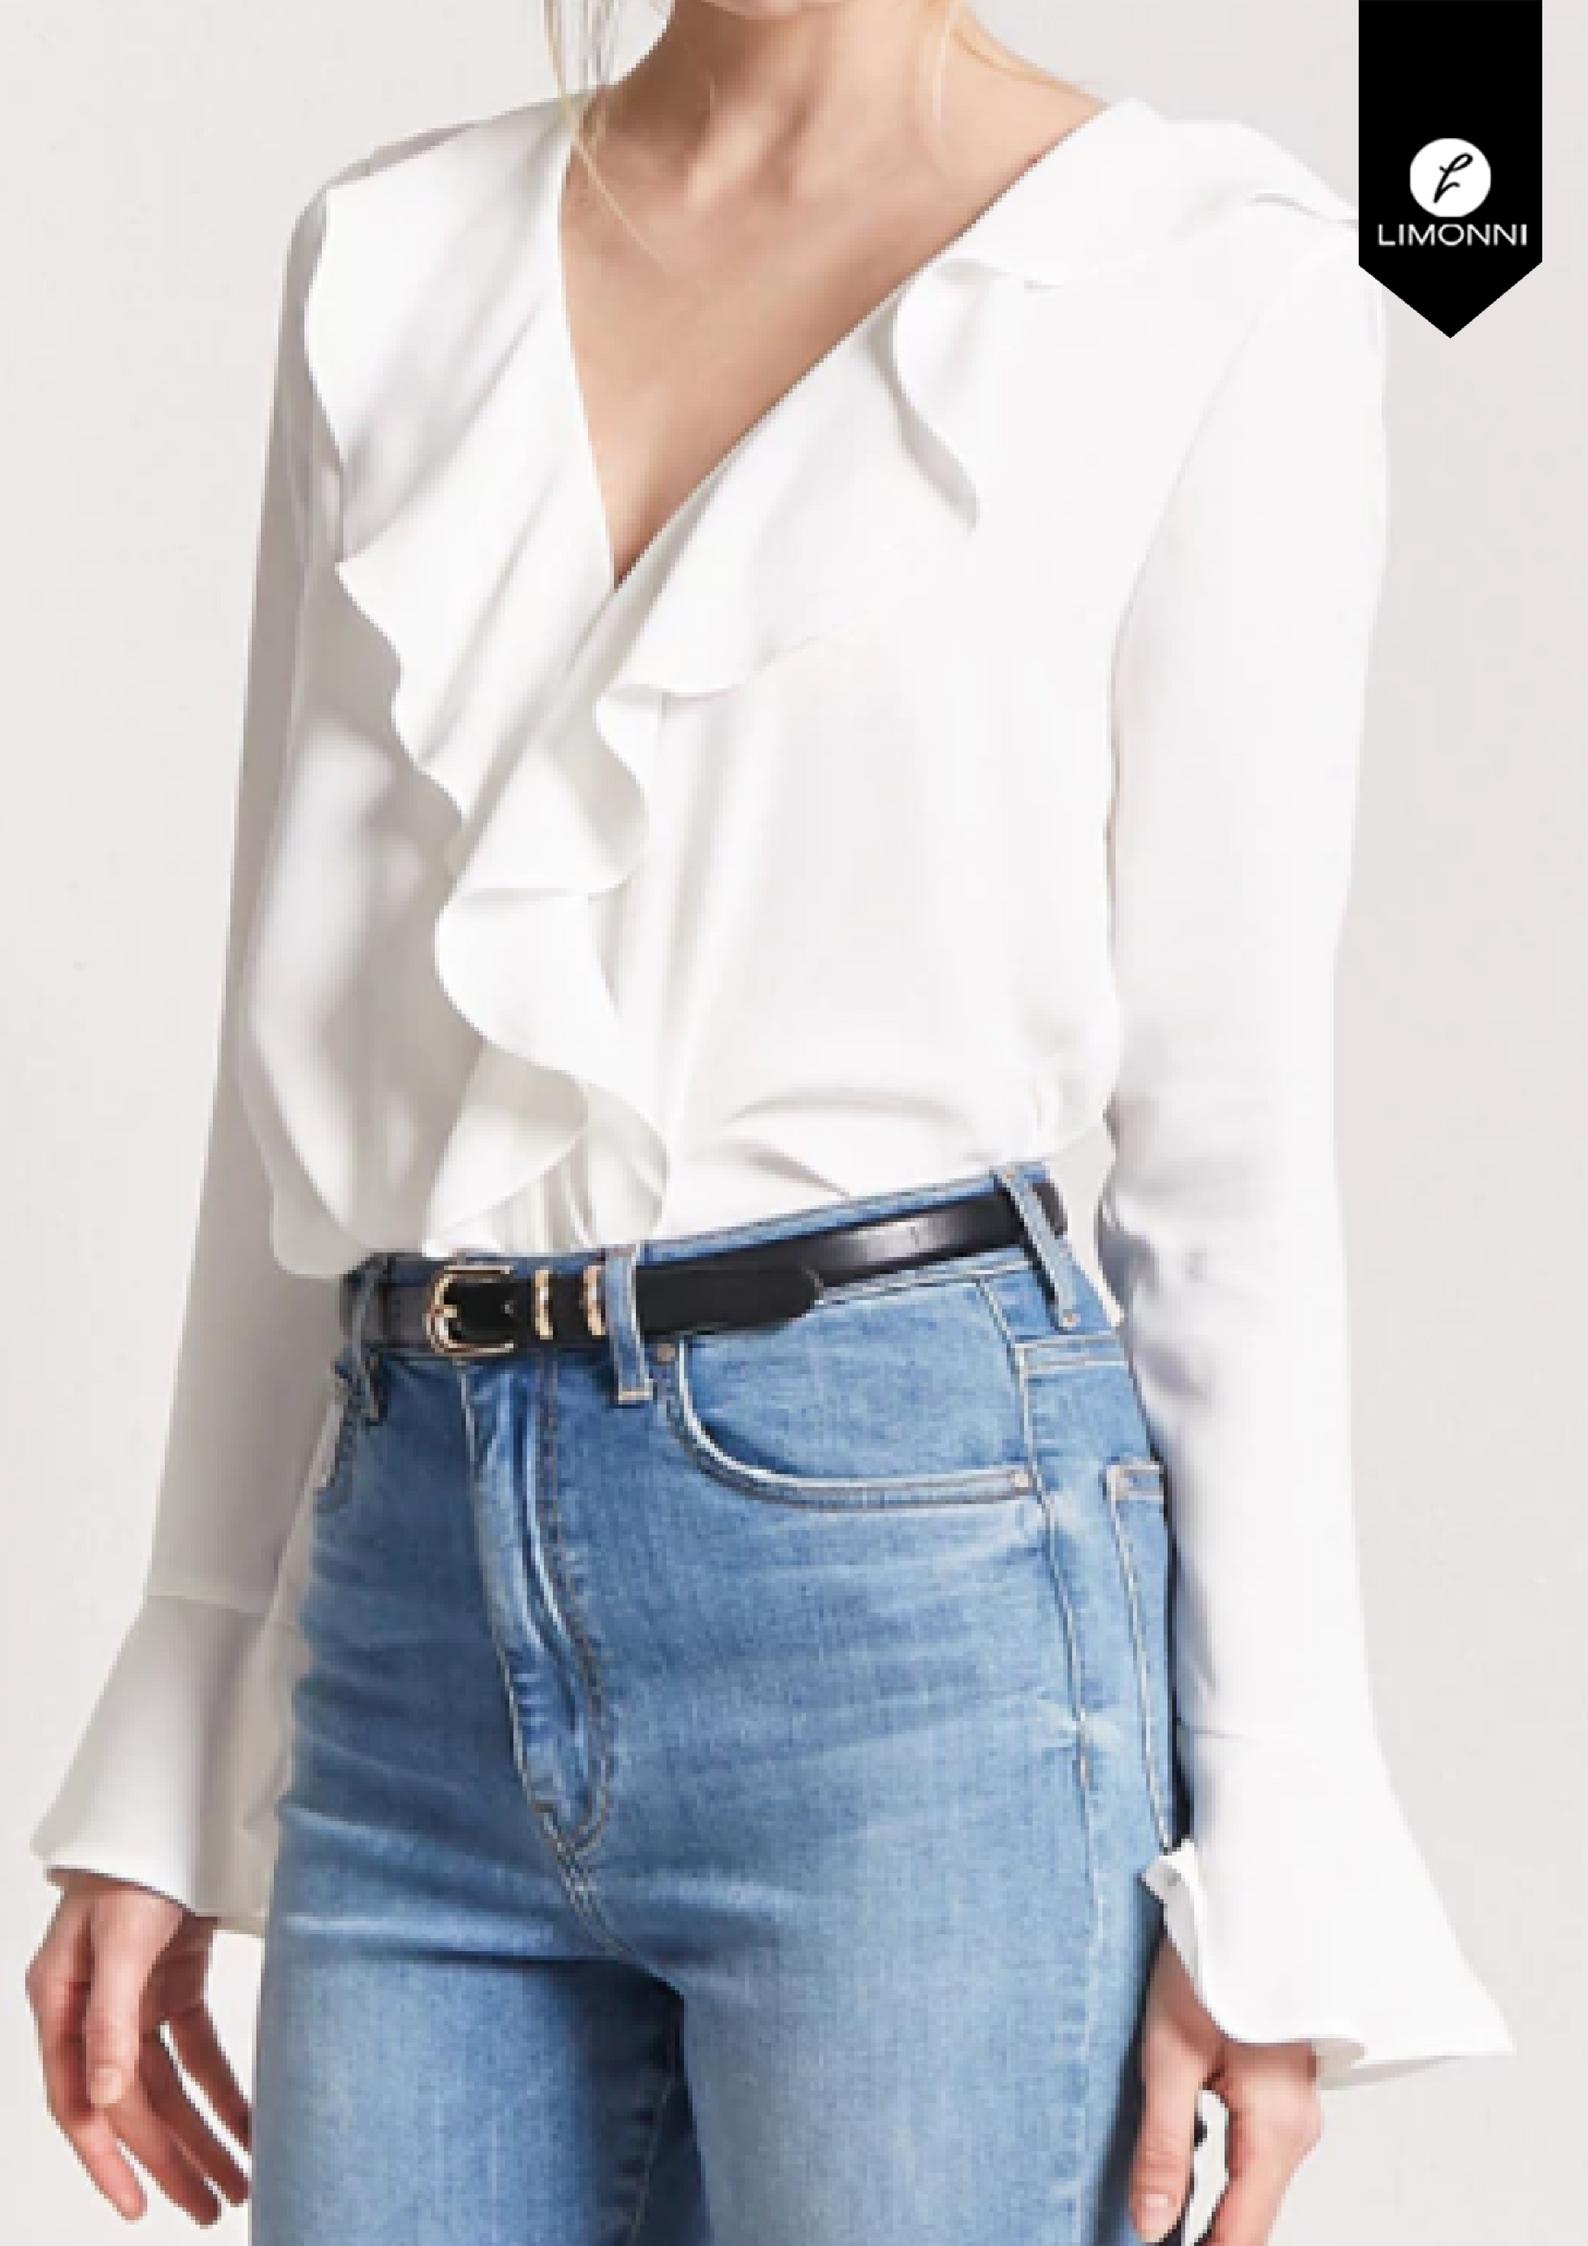 Blusas para mujer Limonni Novalee LI1538 Casuales